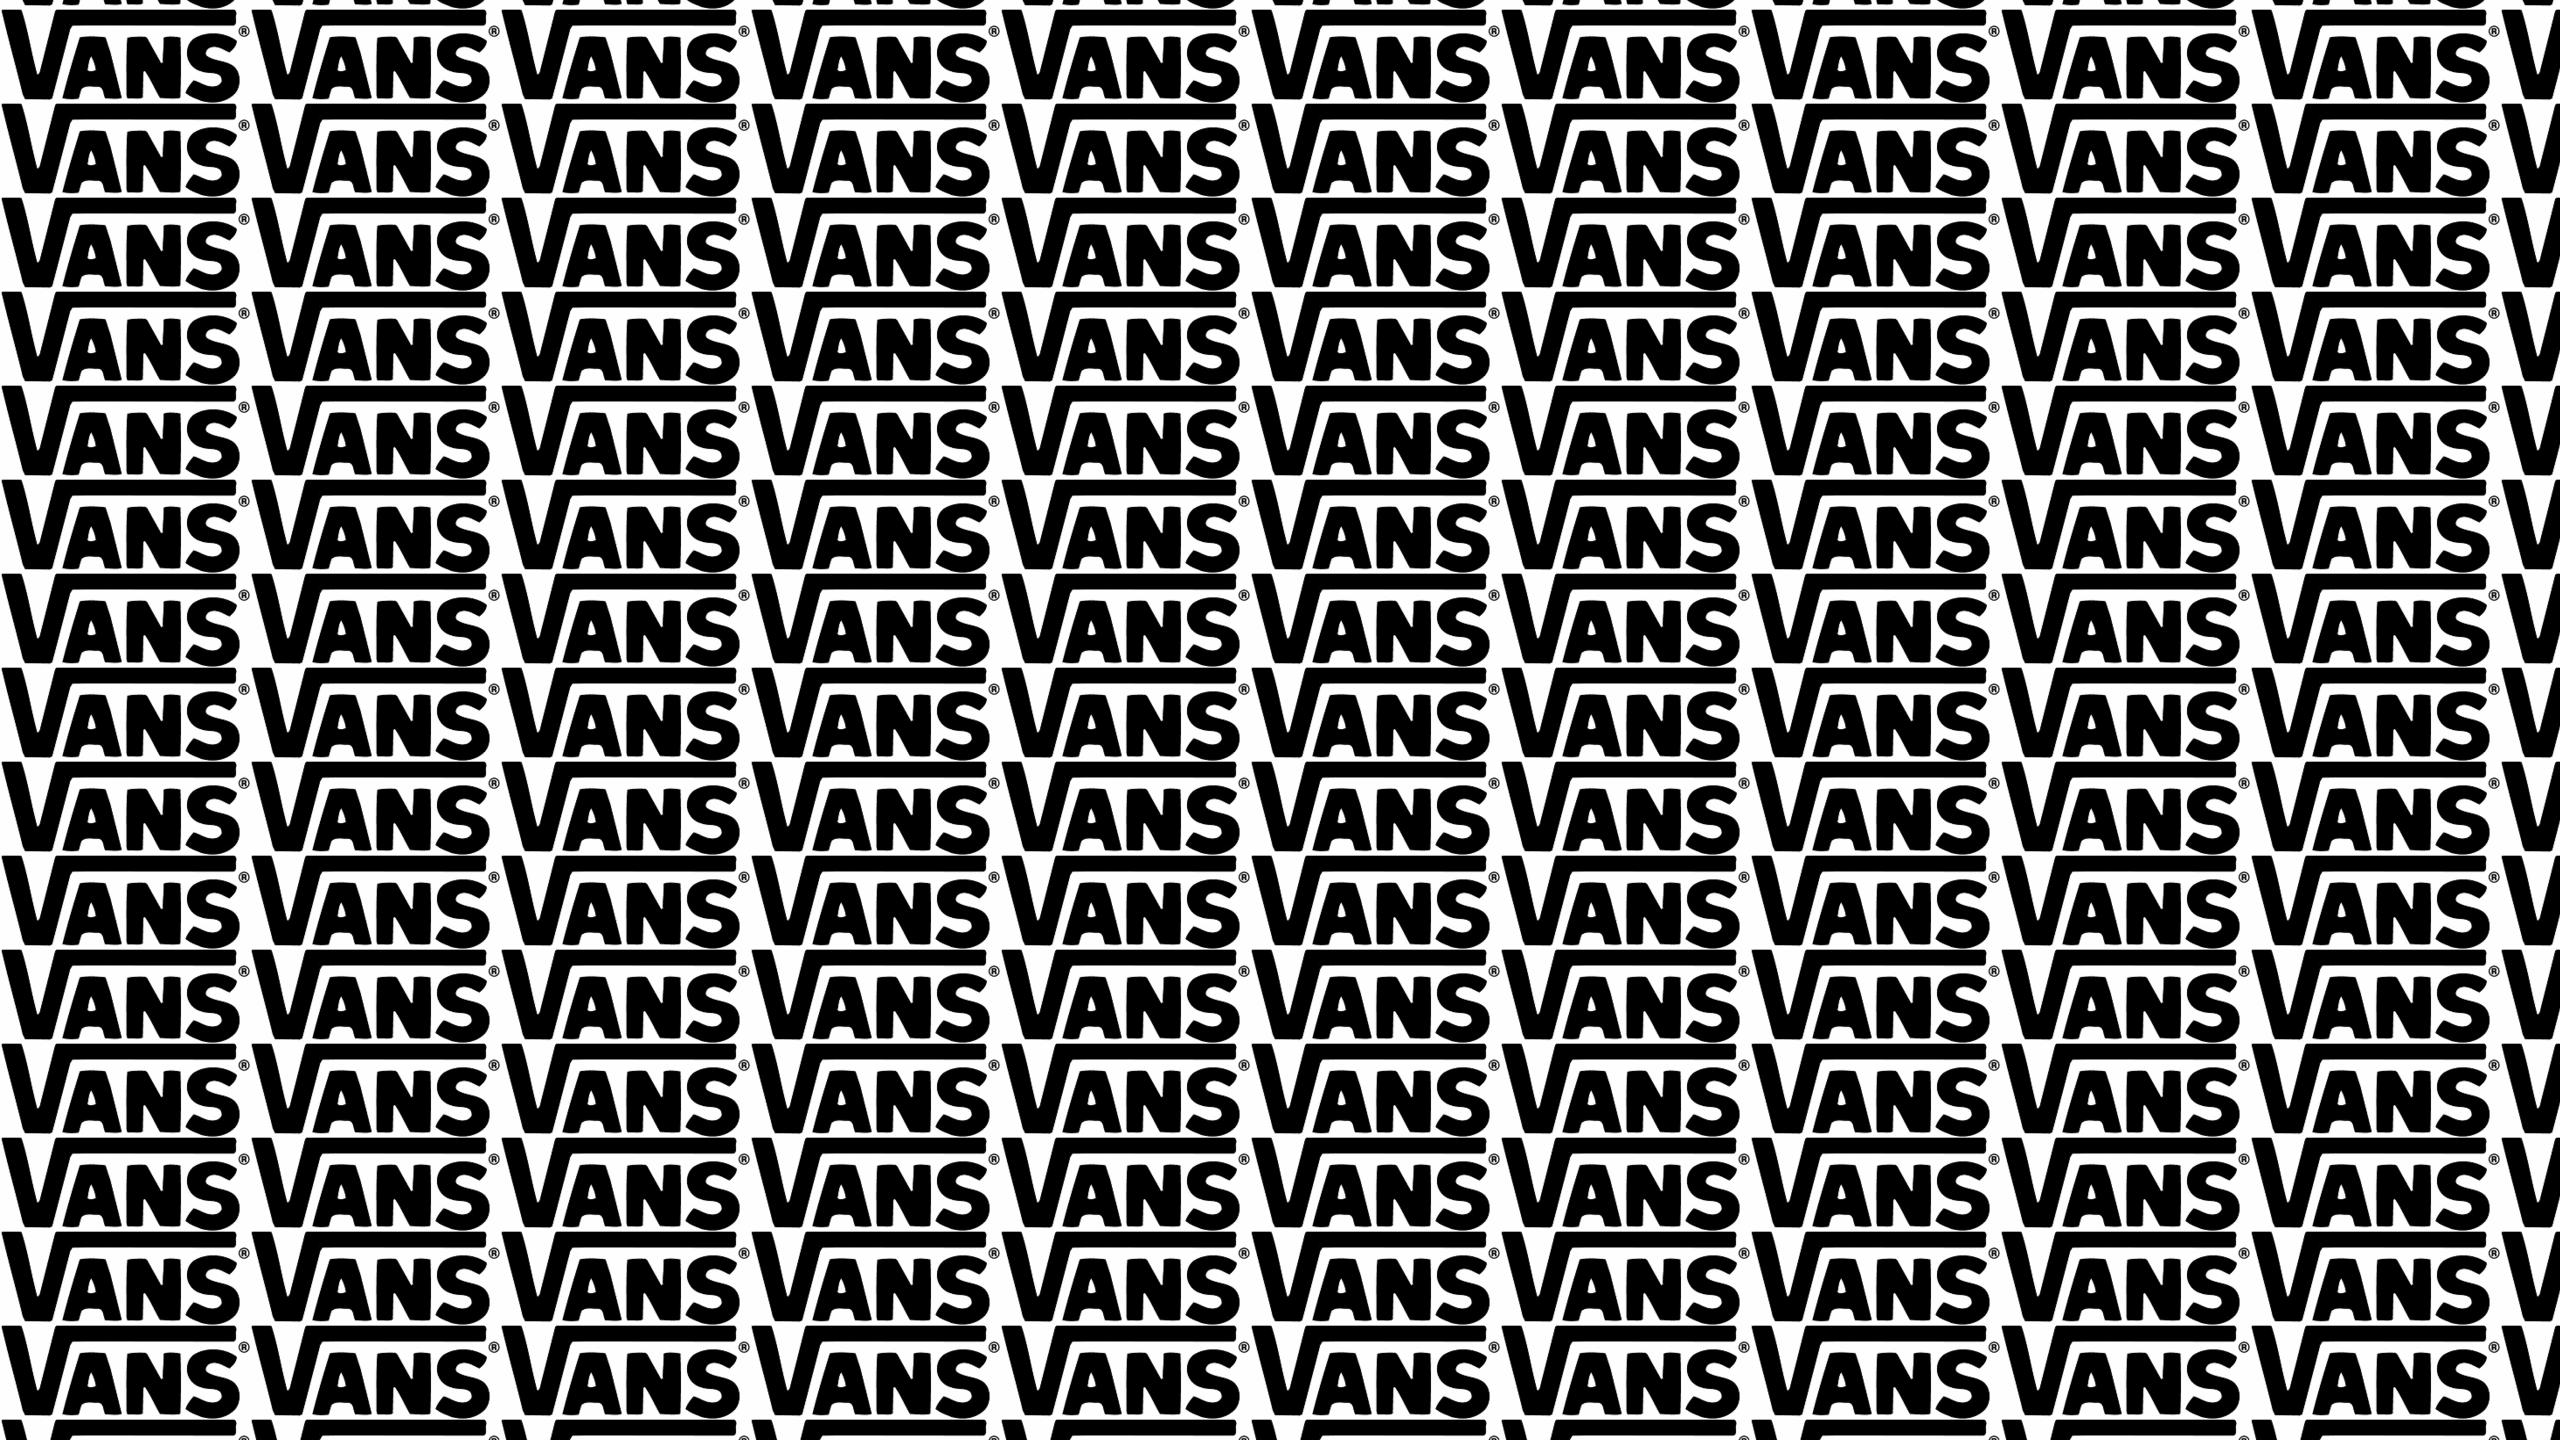 Vans Background Iphone Vans desktop wallpaper 2560x1440